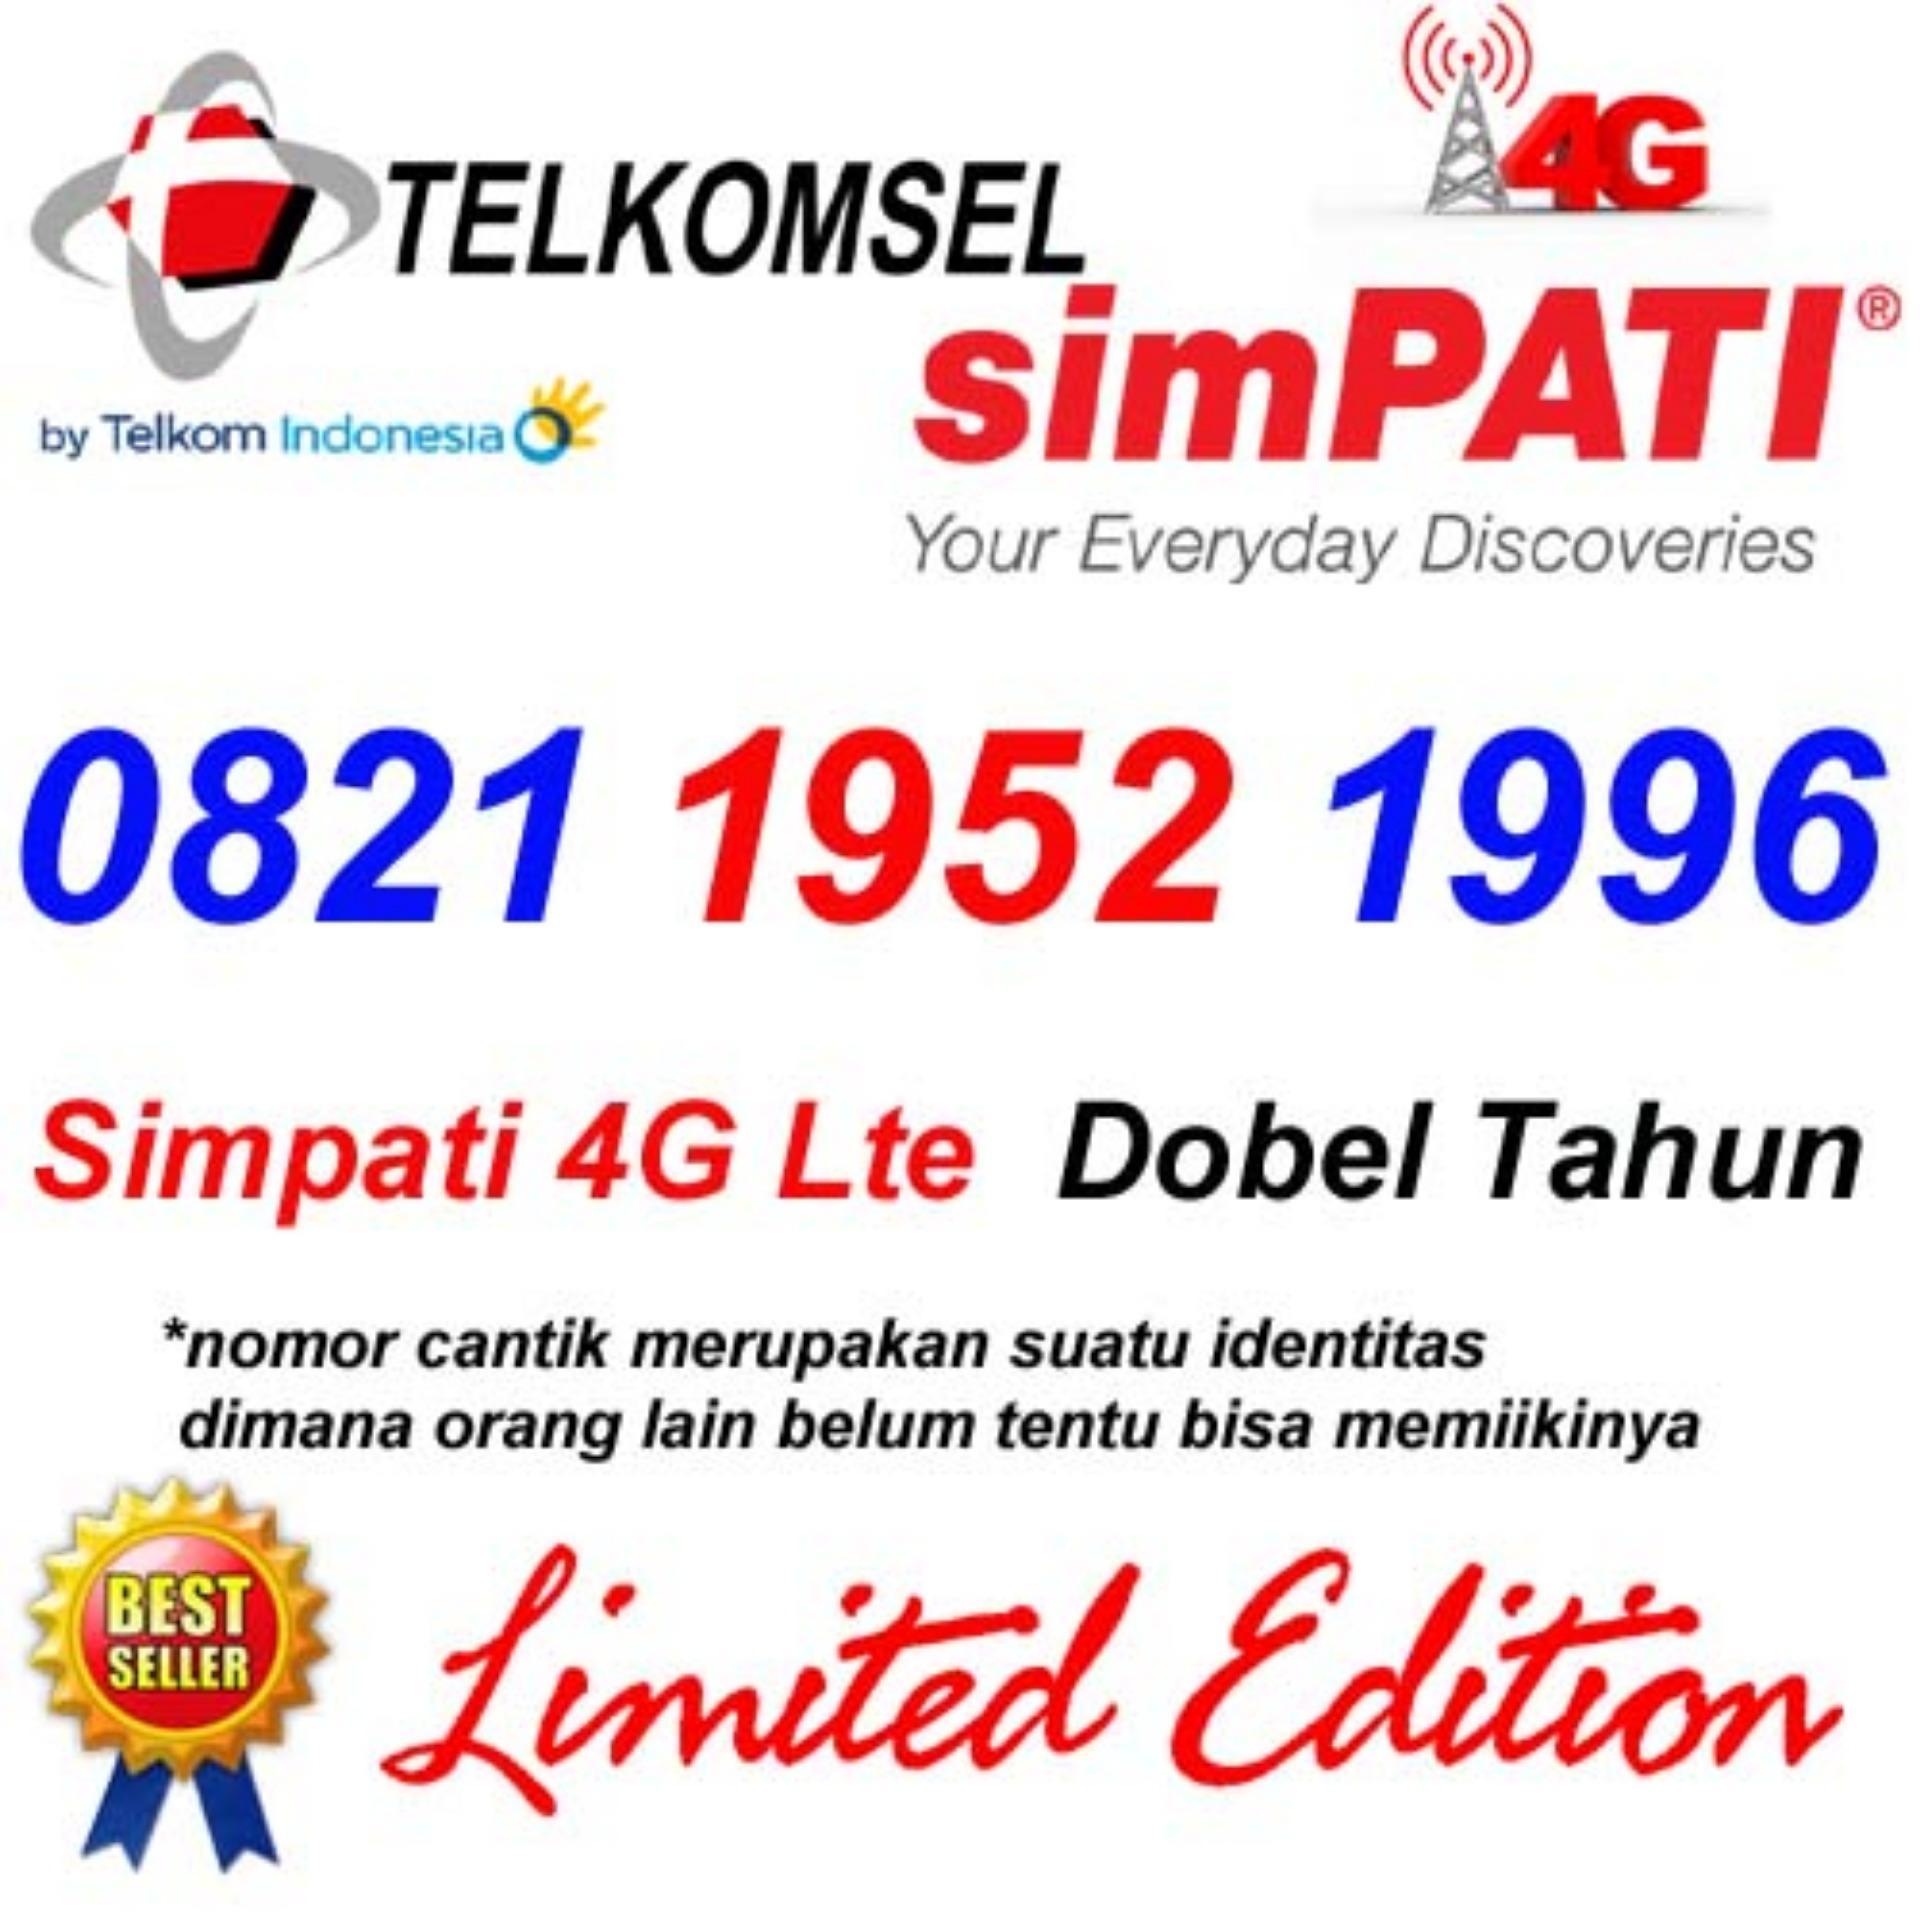 Telkomsel Simpati 4G Lte 0821 1952 1996 Kartu Perdana Nomor Cantik Dobel Tahun Lahir